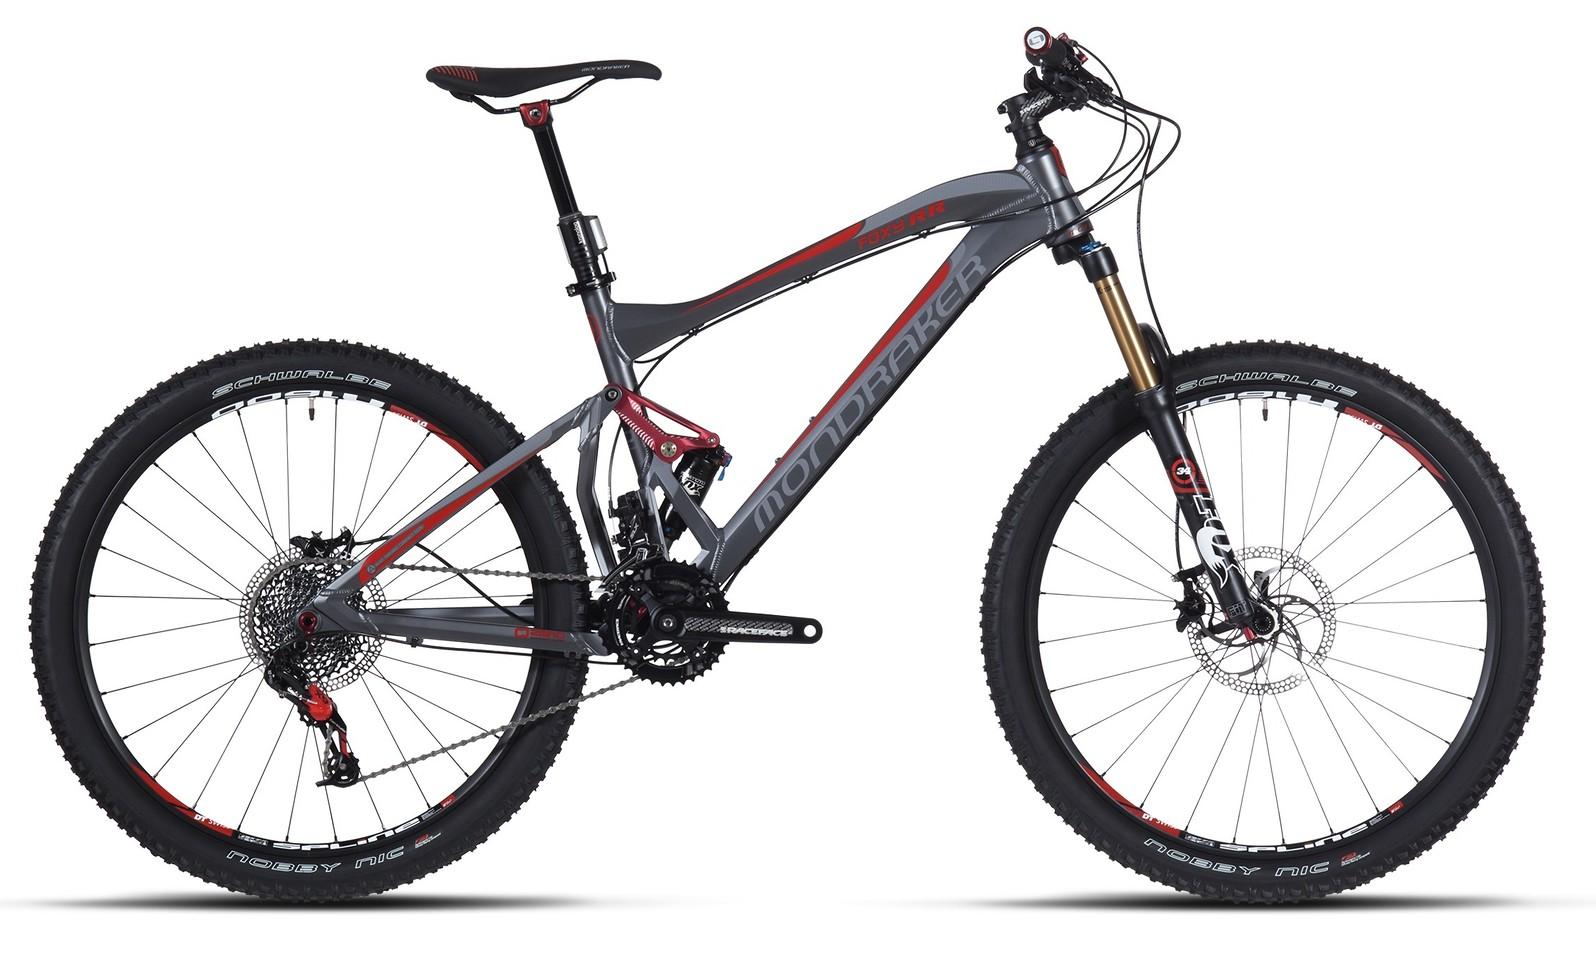 bike - mondraker foxy rr